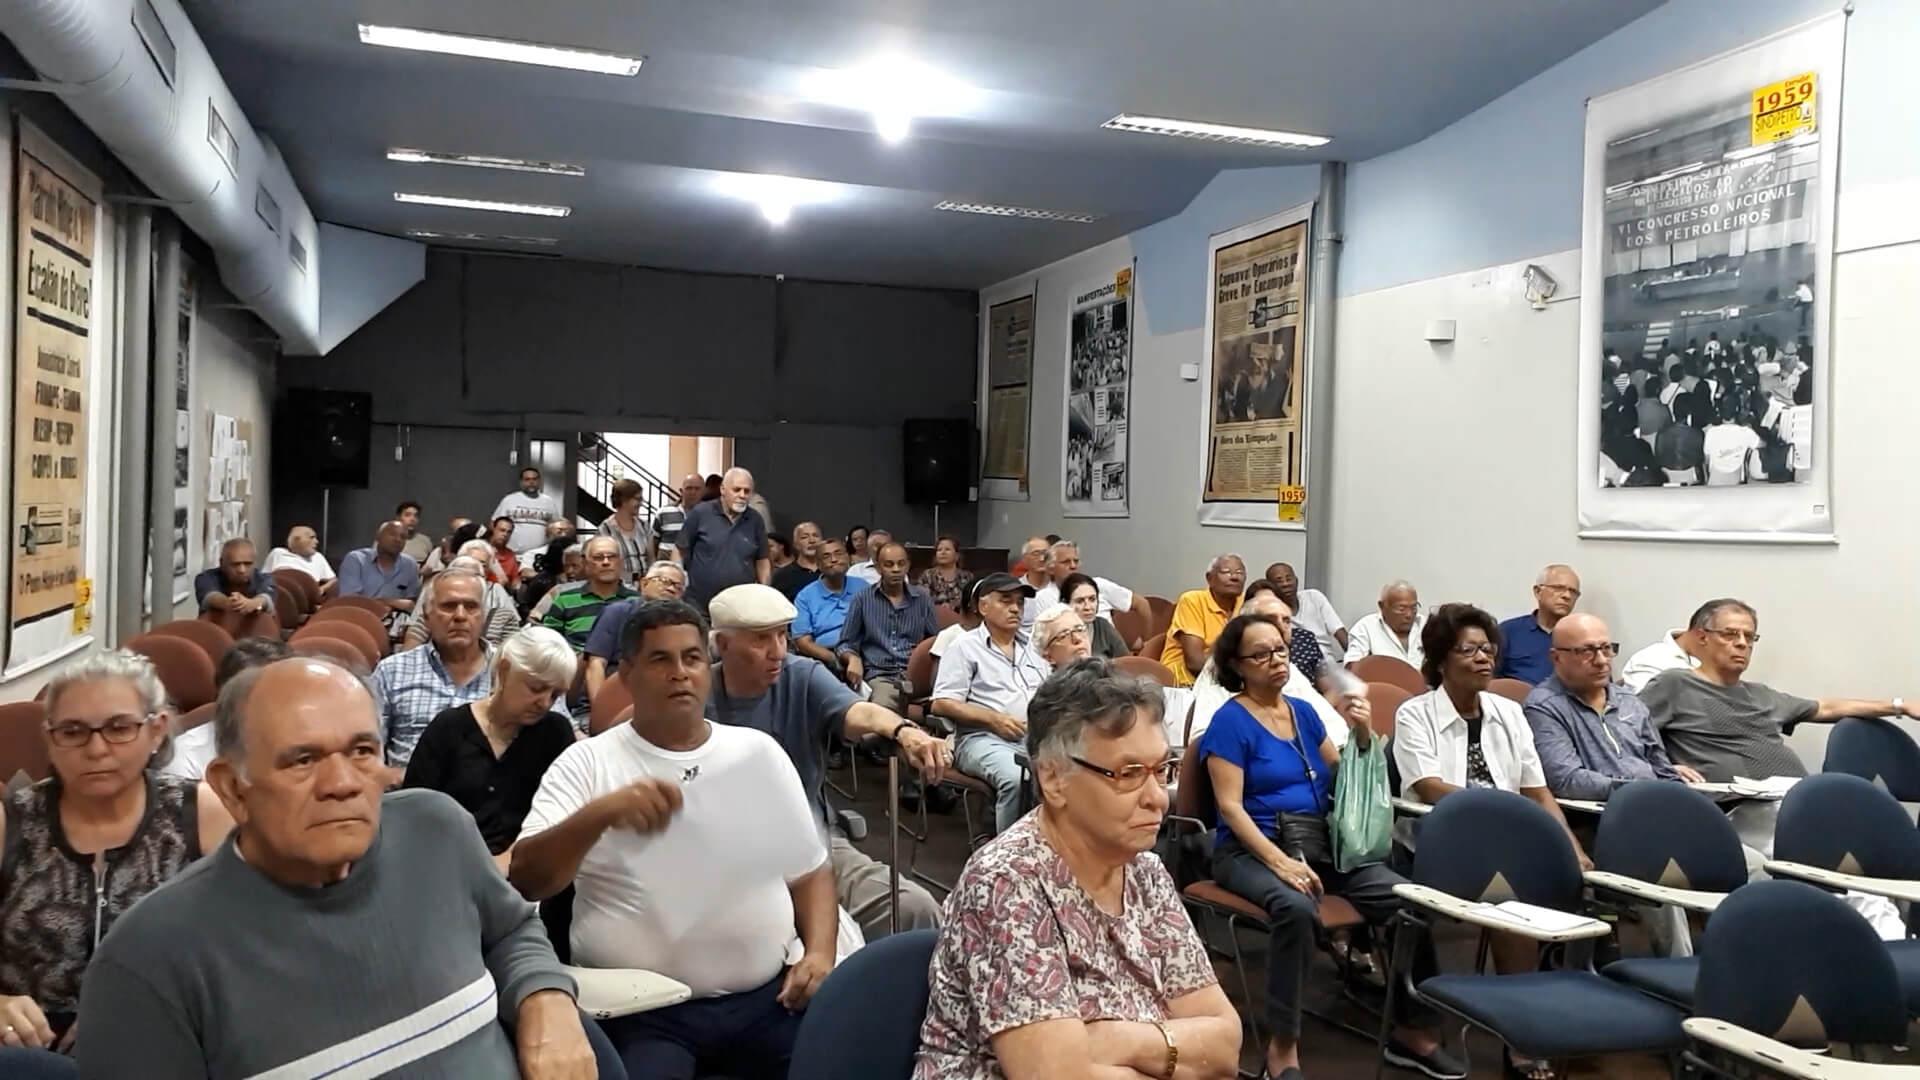 Reunião dos aposentados debate proposta alternativa ao PED APOSENTADOS